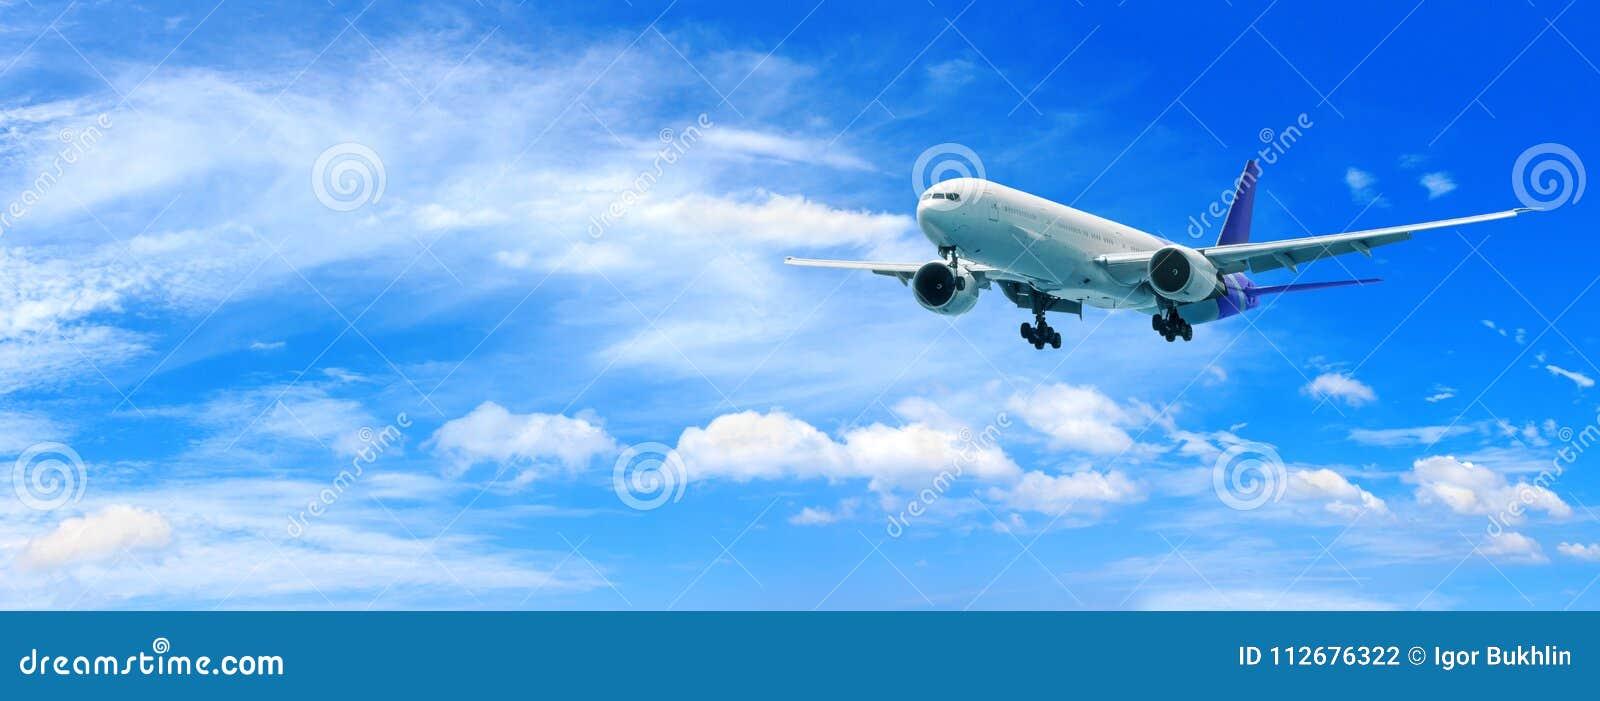 Voo do avião do passageiro acima das nuvens Vista do plano da janela a céu surpreendente com nuvens bonitas